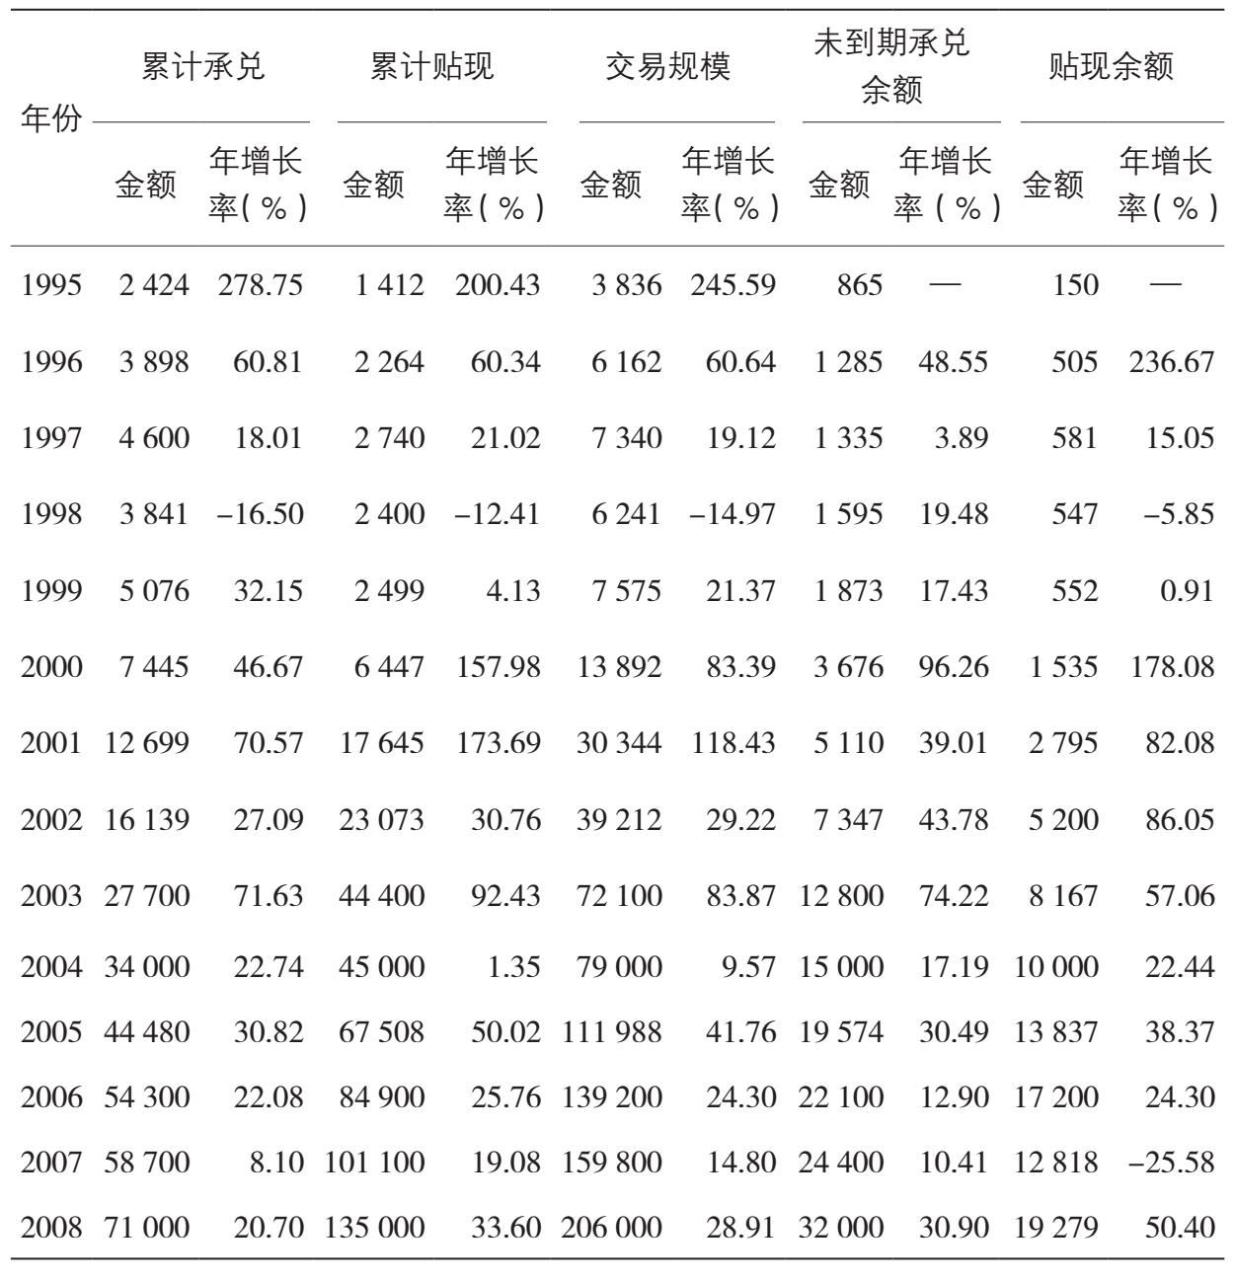 中国票据市场的发展历程